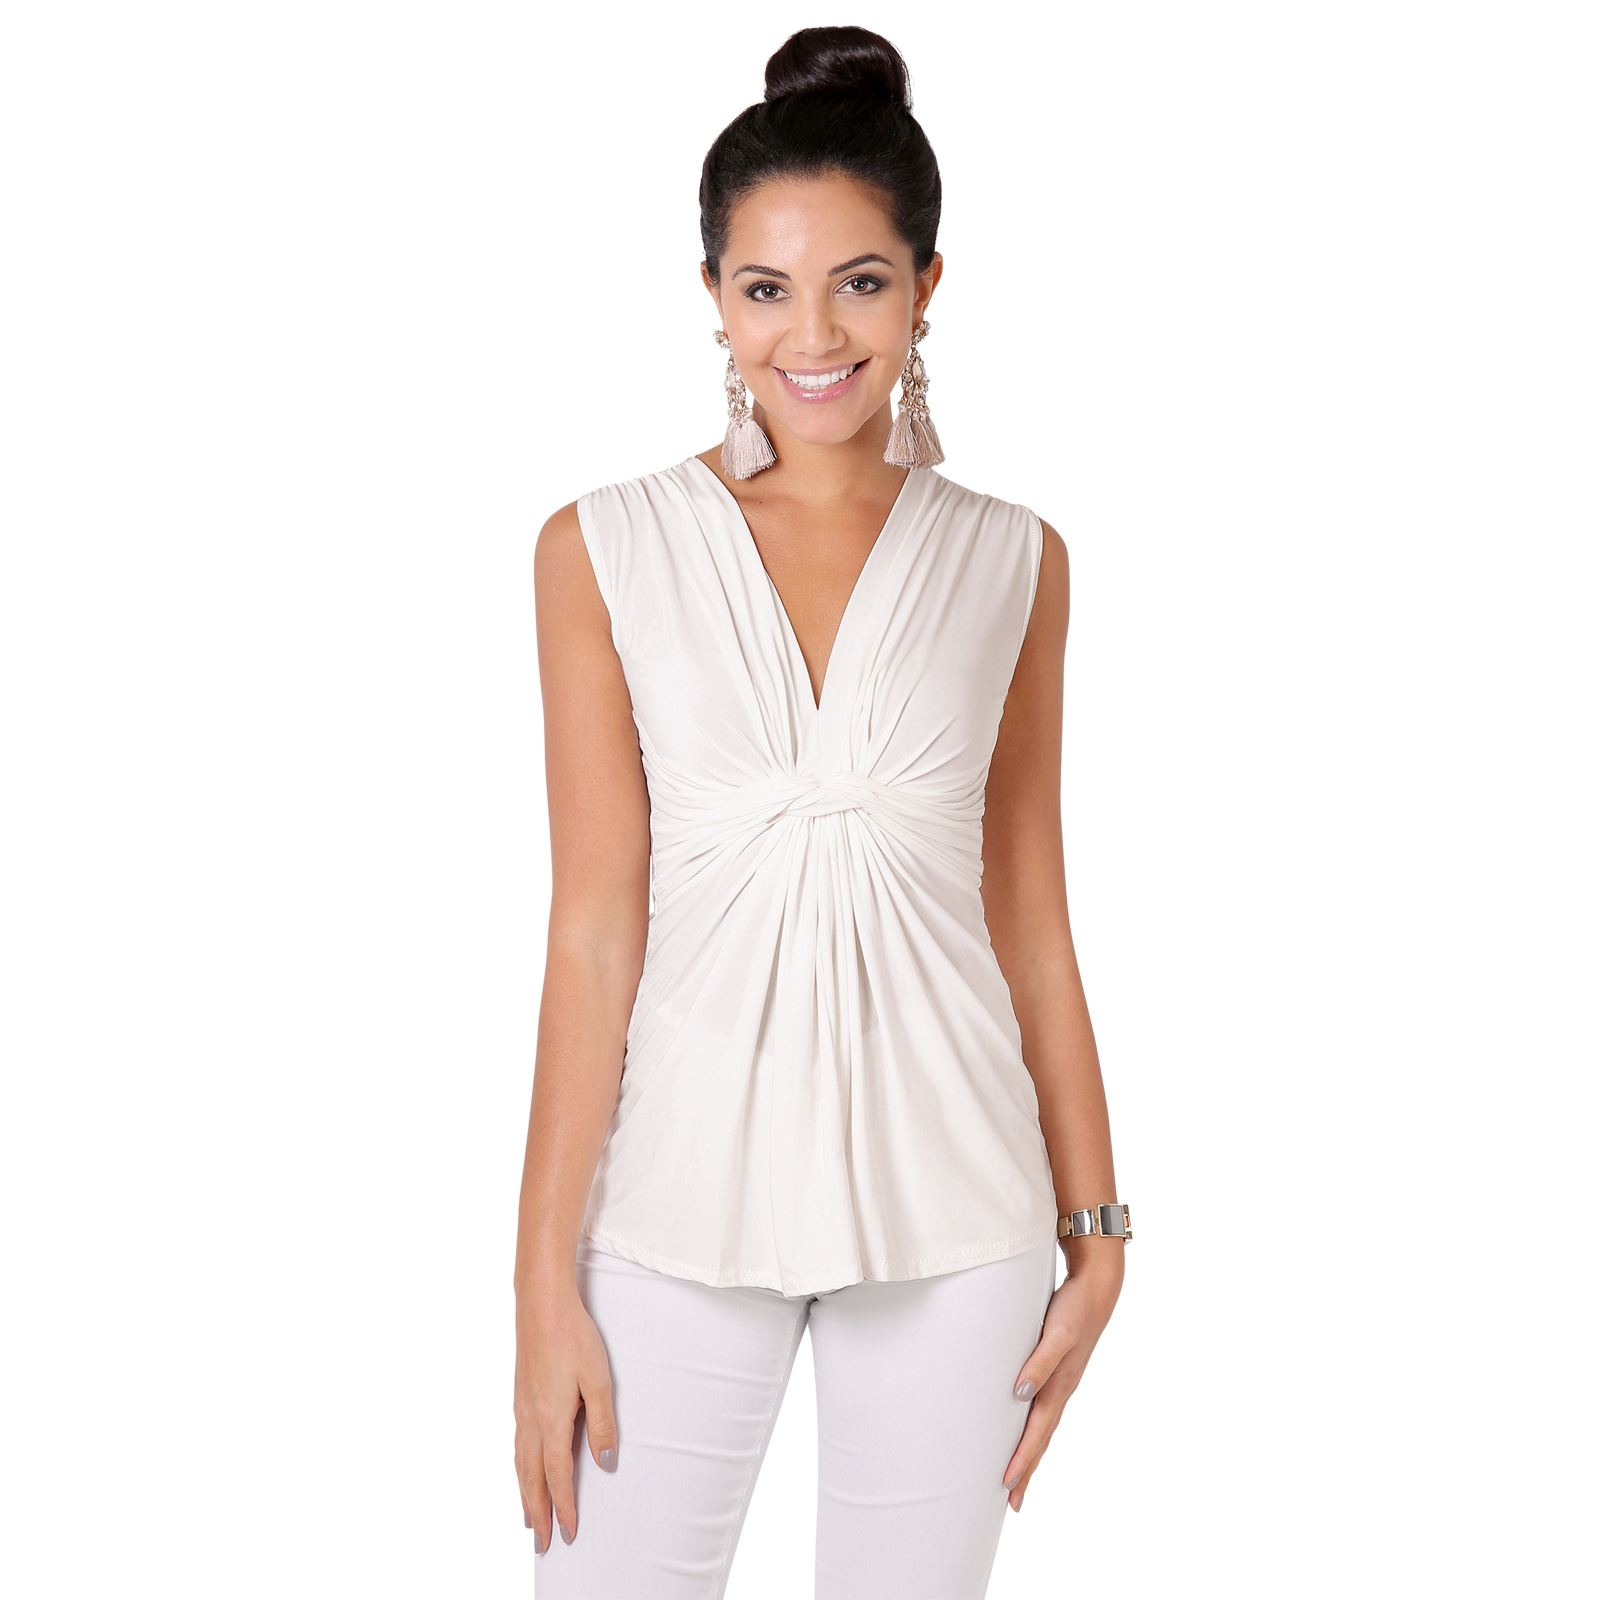 Femmes-Haut-Debardeur-T-shirt-Tee-Shirt-Top-Sans-Manche-Uni-Affaires-Ete-Plage miniature 3